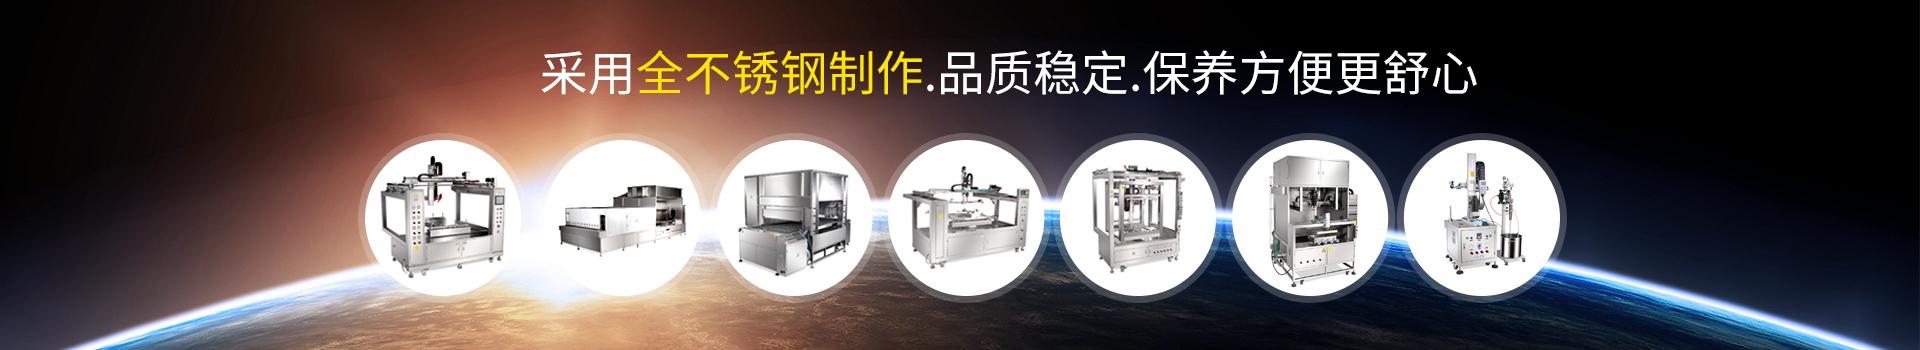 沐鸣2-采用全不锈钢制作 可来样生产定制